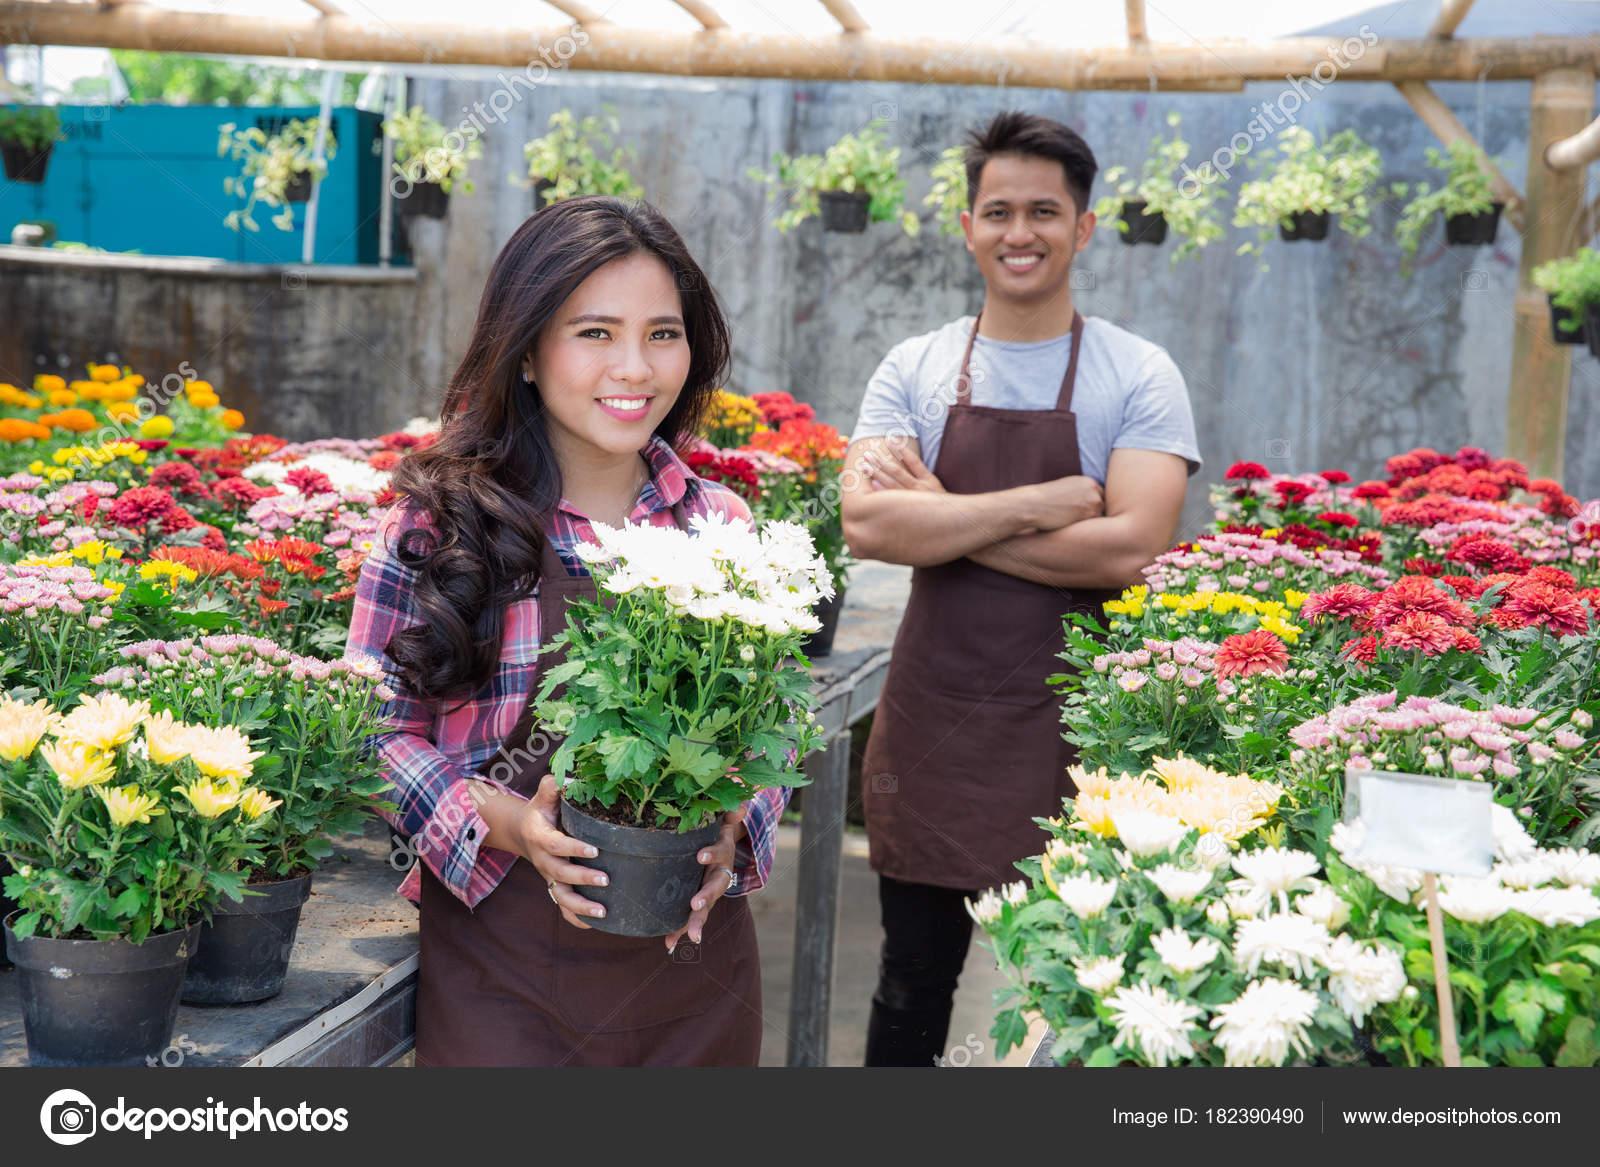 Секс в магазине цветов, Красивый секс продавца с клиенткой в магазине 18 фотография